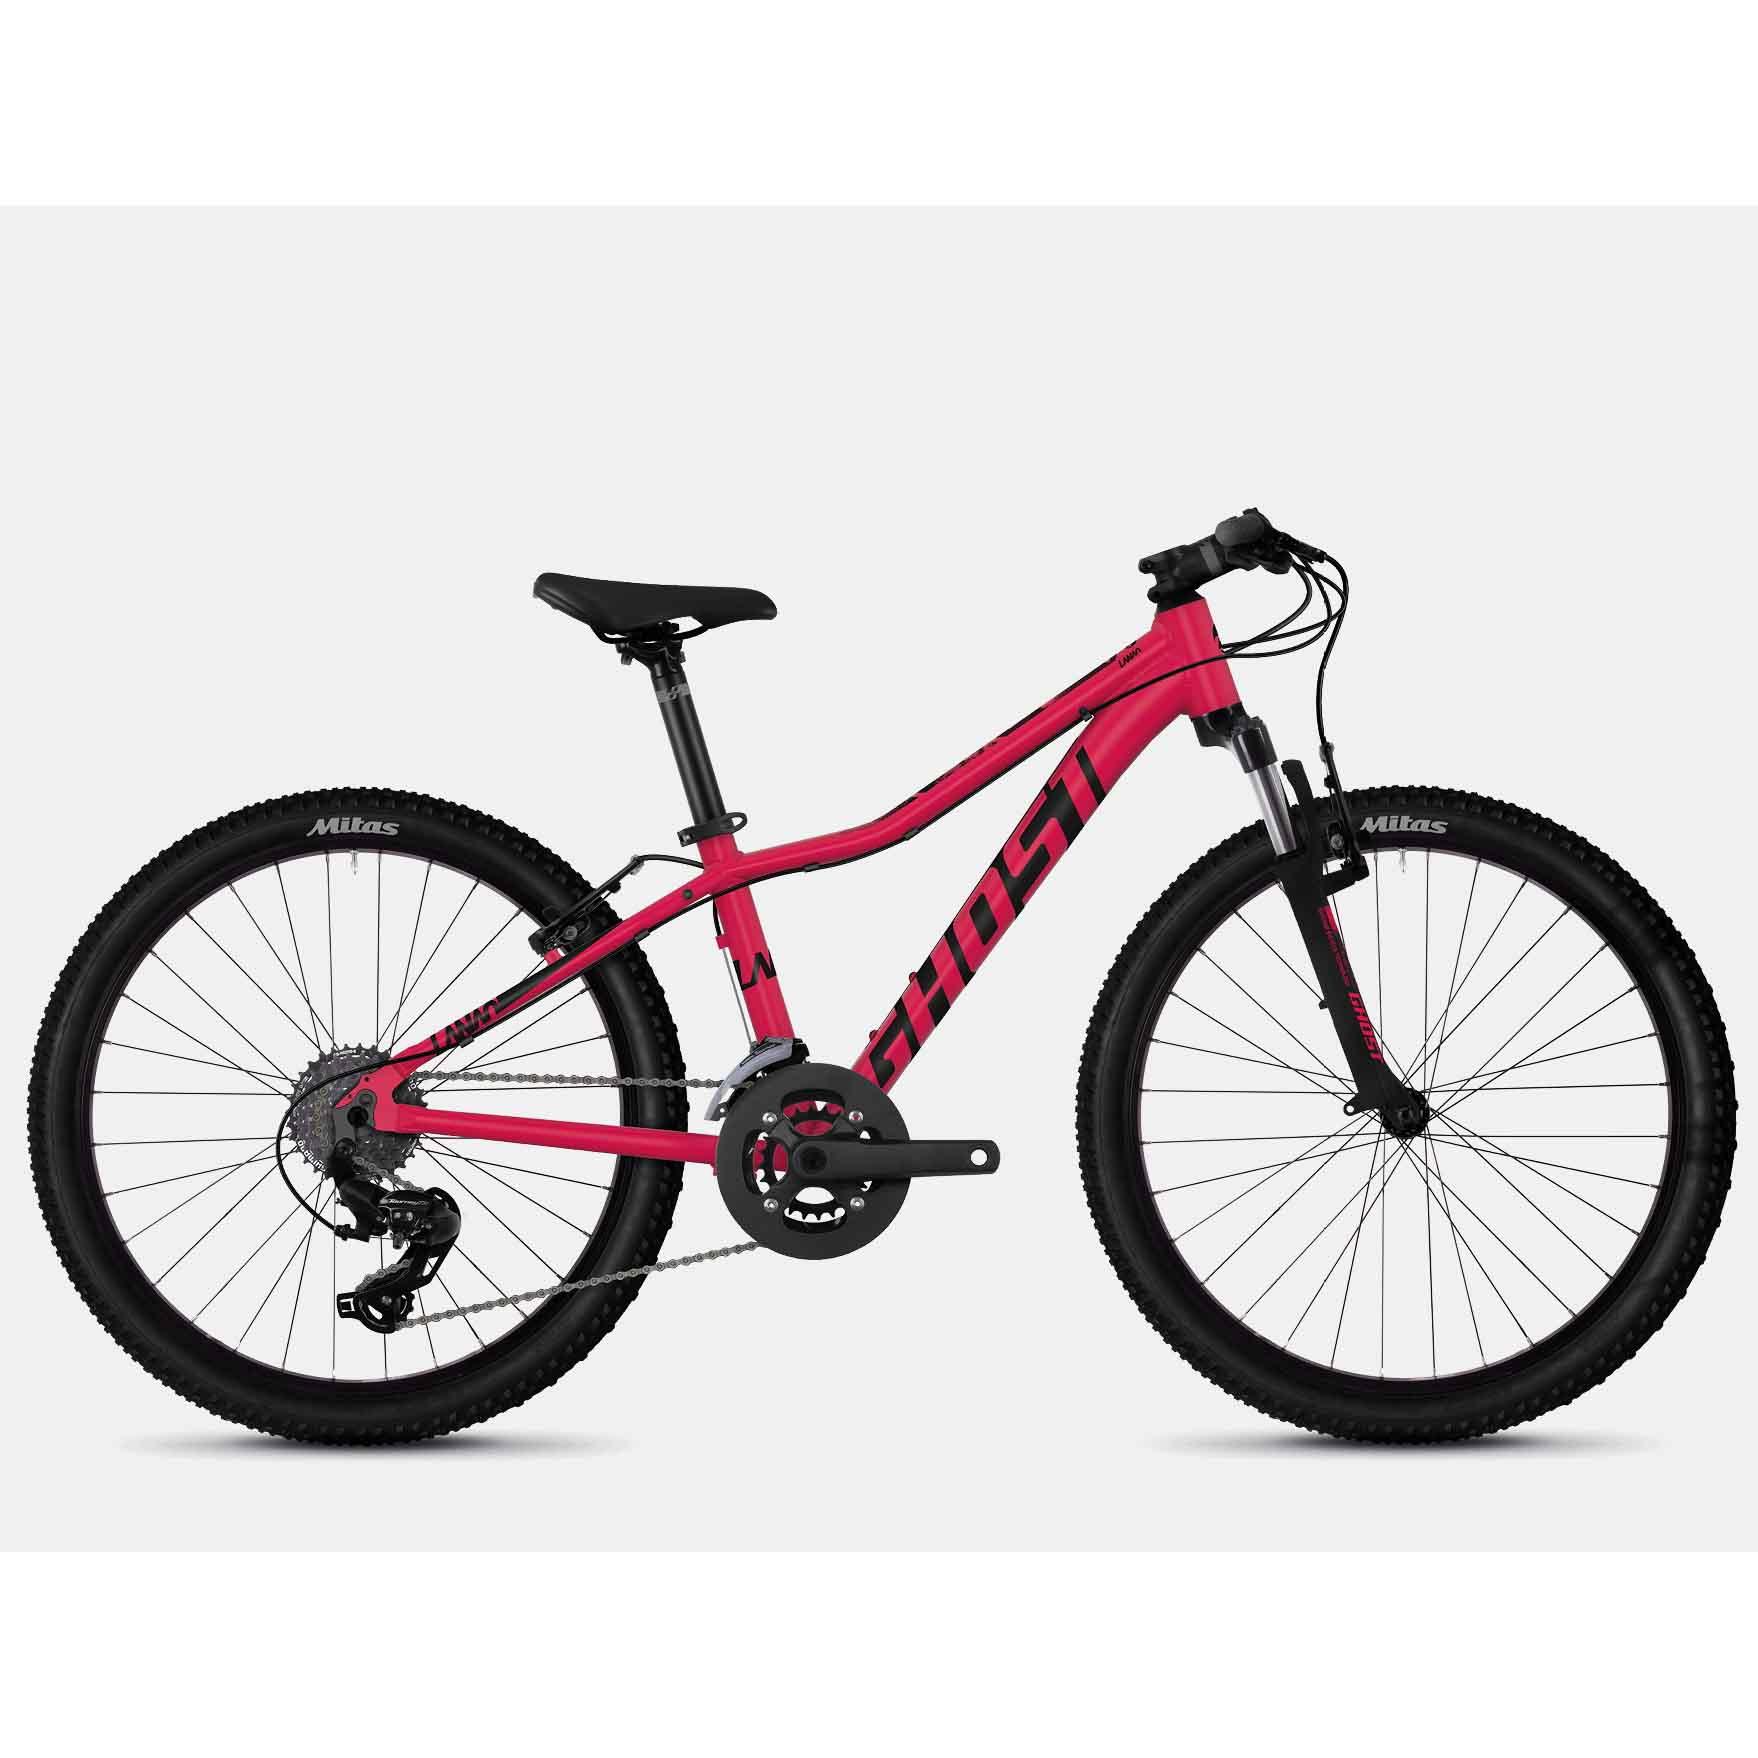 Фото Велосипед Ghost Lanao 2.4 24″ , красно-черный, 2019